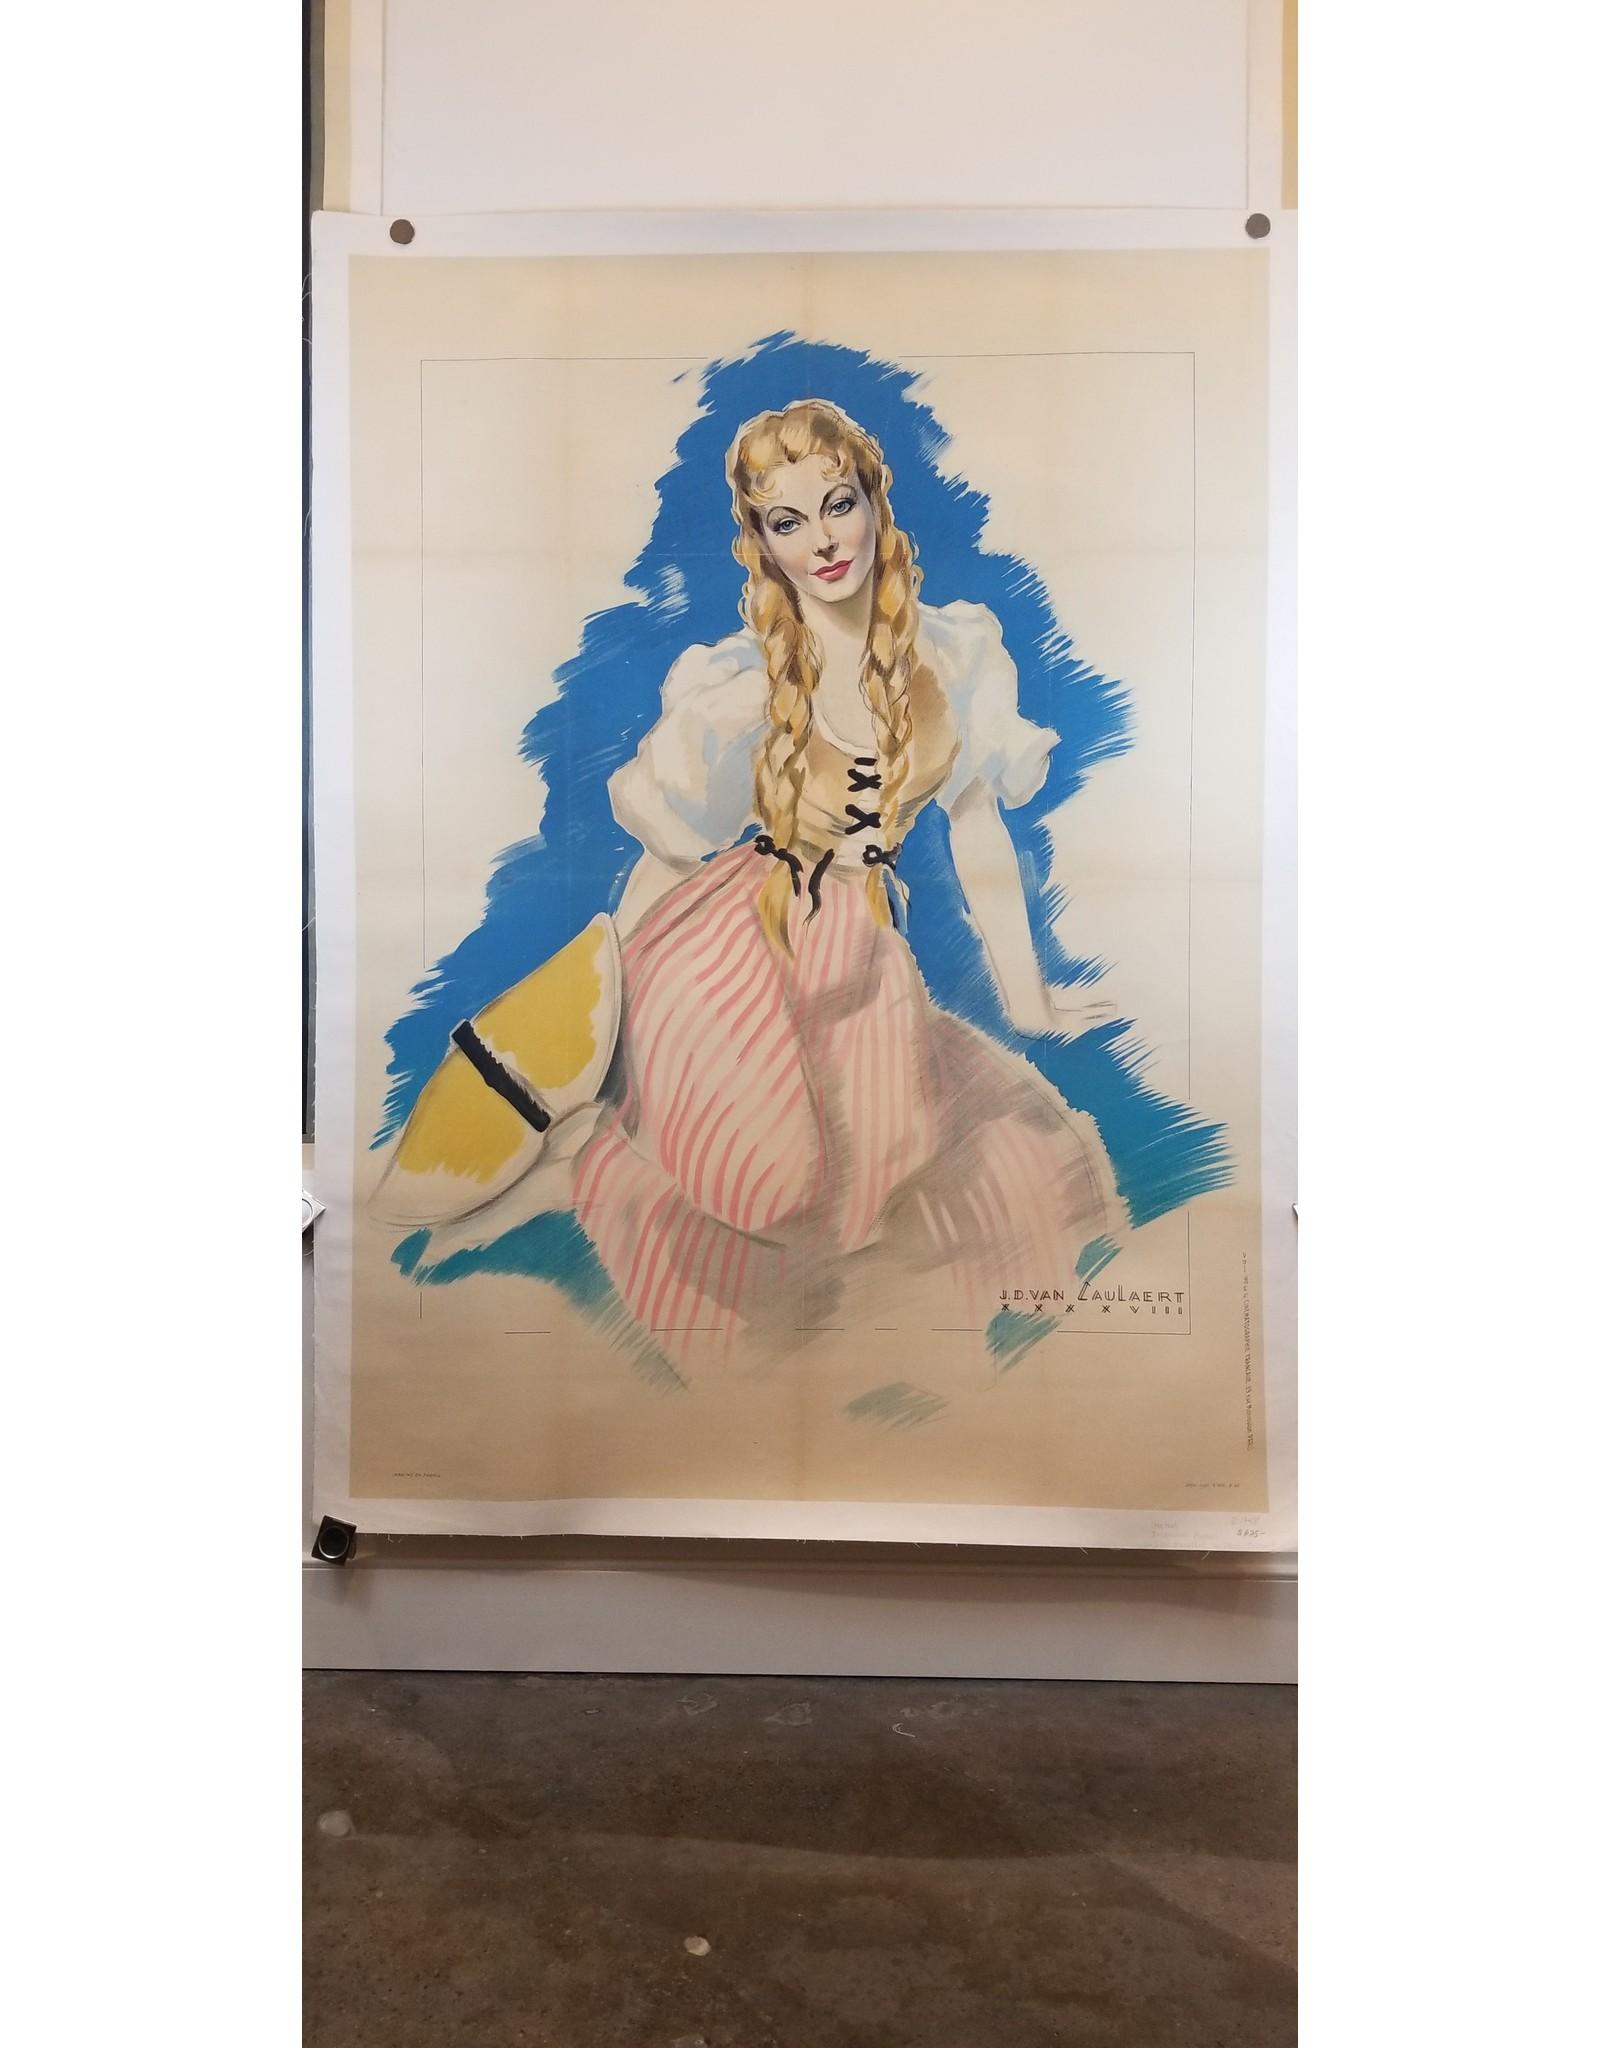 SPV Jacqueline Pagnol La Belle Meuniére Lithograph Poster